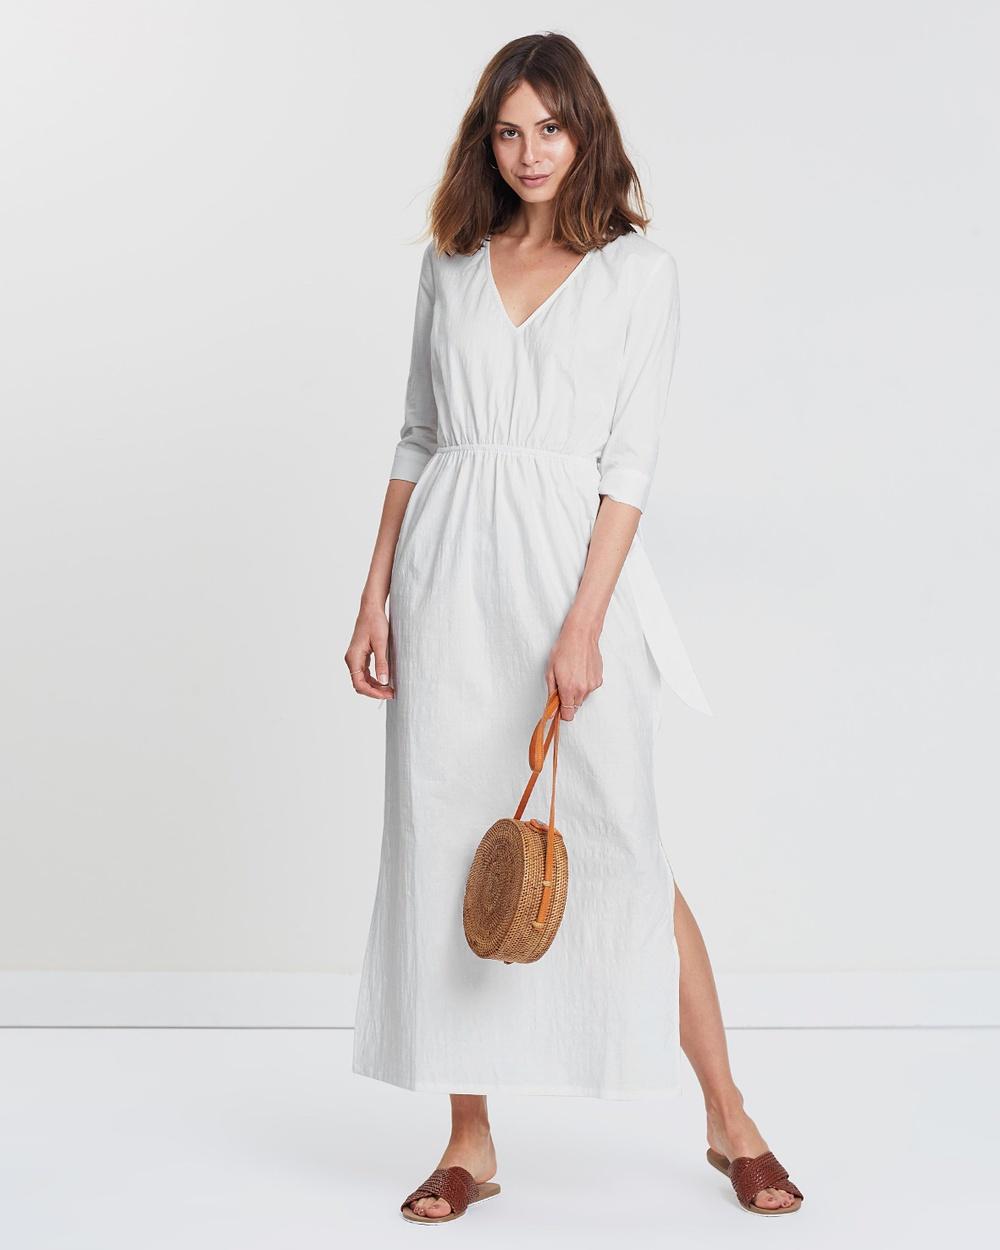 Wilde Willow White Cotton Enchant Maxi Dress